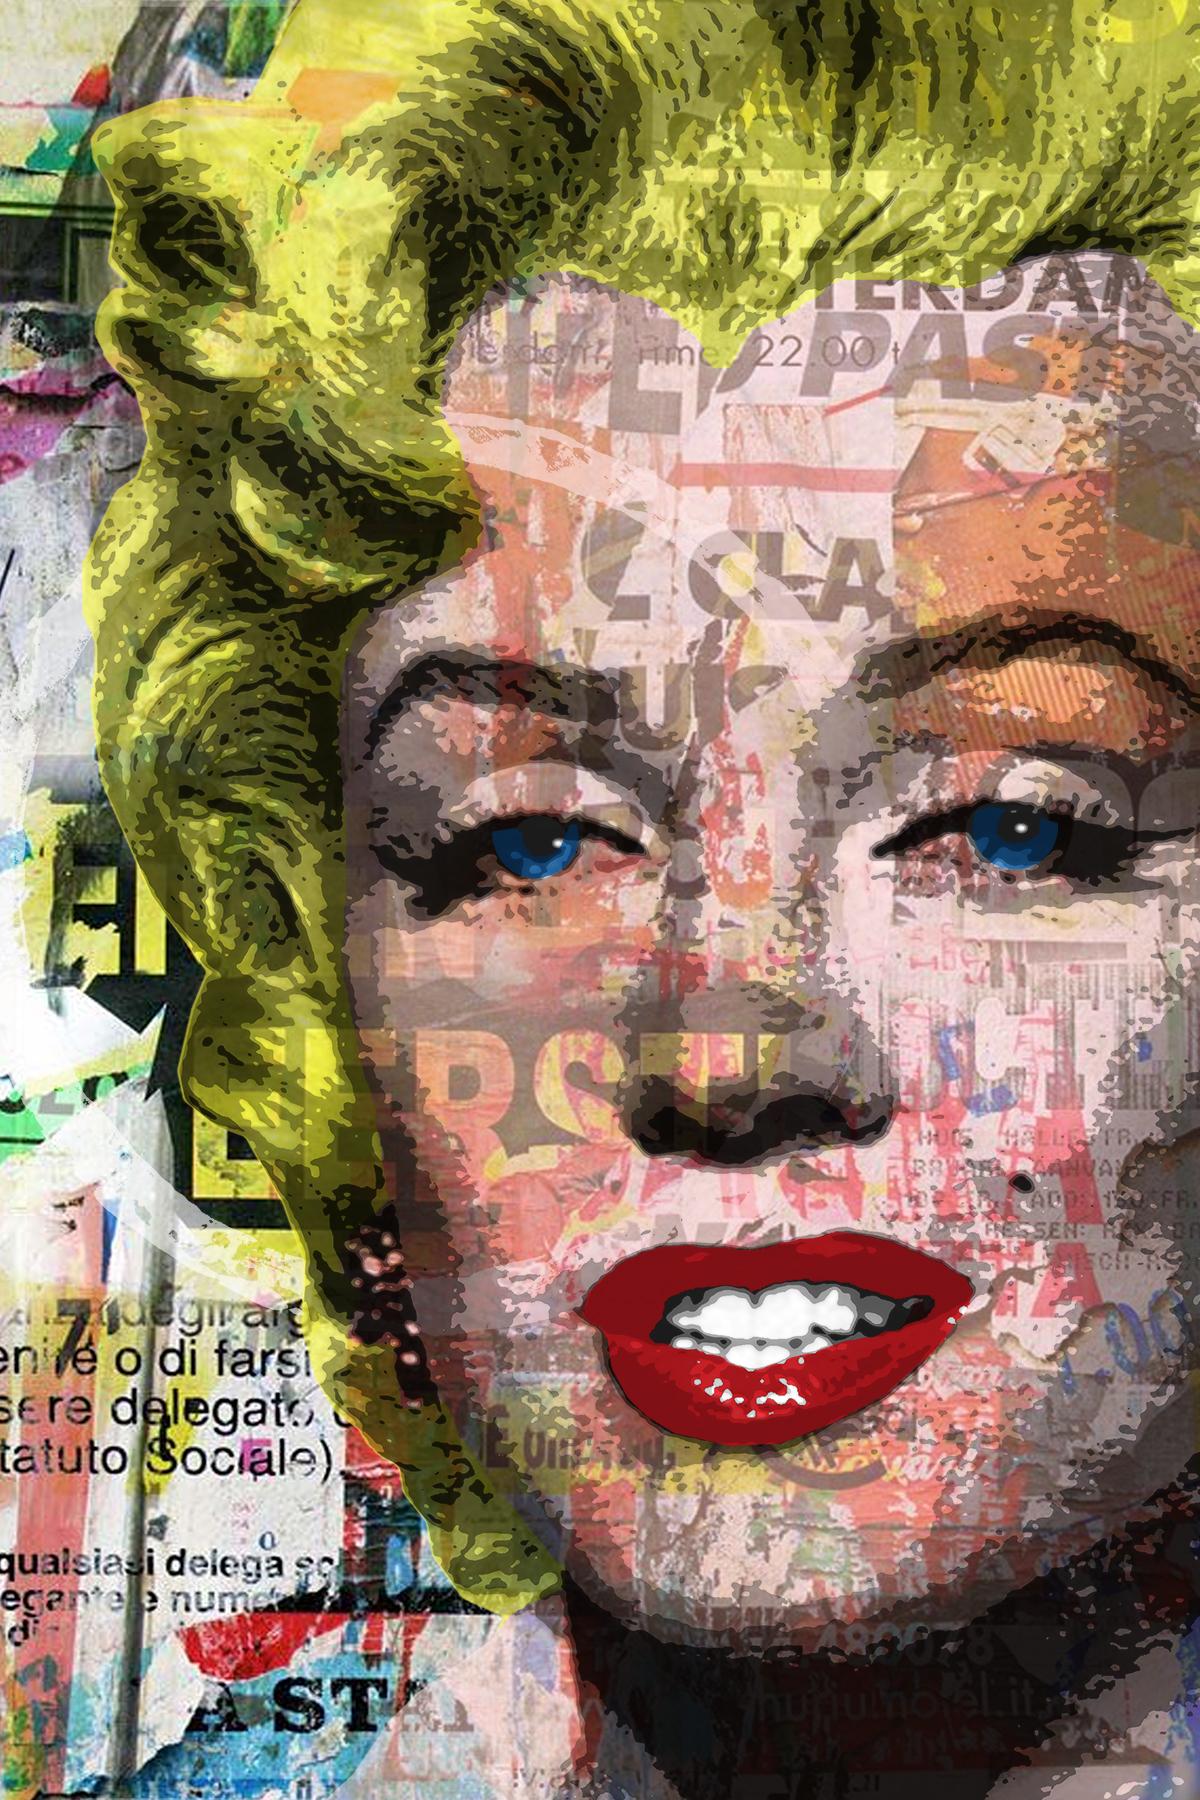 Miss M by artist Sam Collins